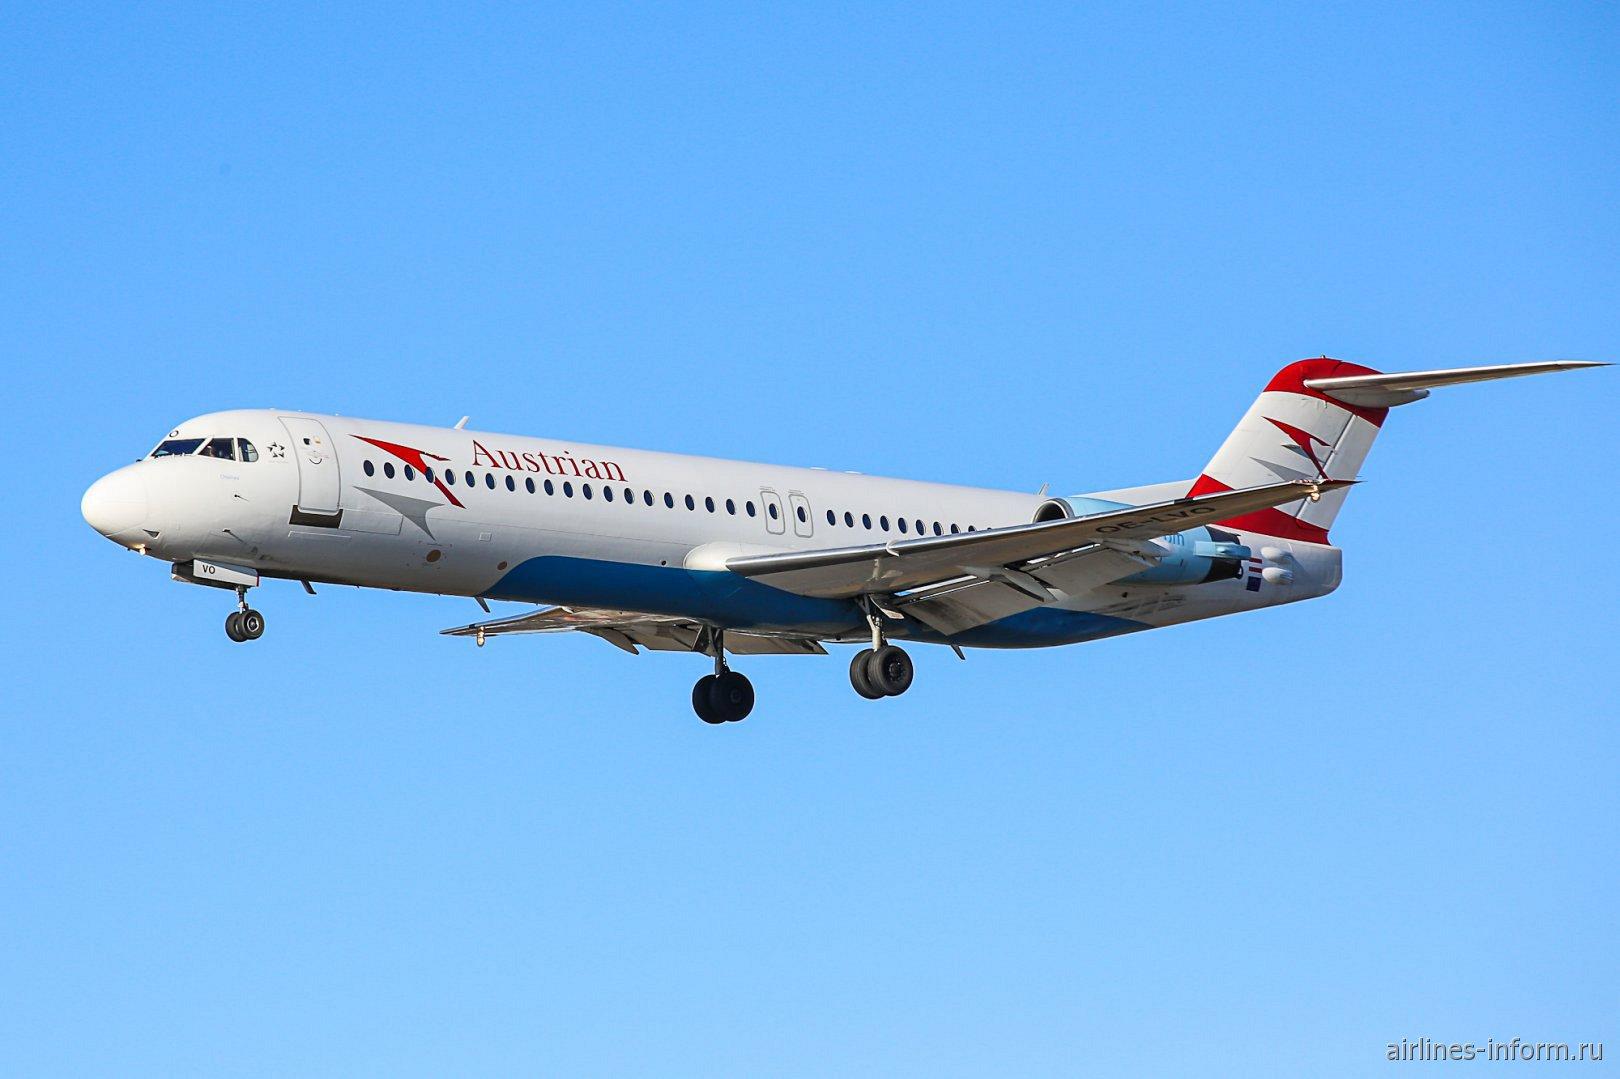 Fokker 100 с номером OE-LVO перед посадкой в аэропорту Зальцбурга